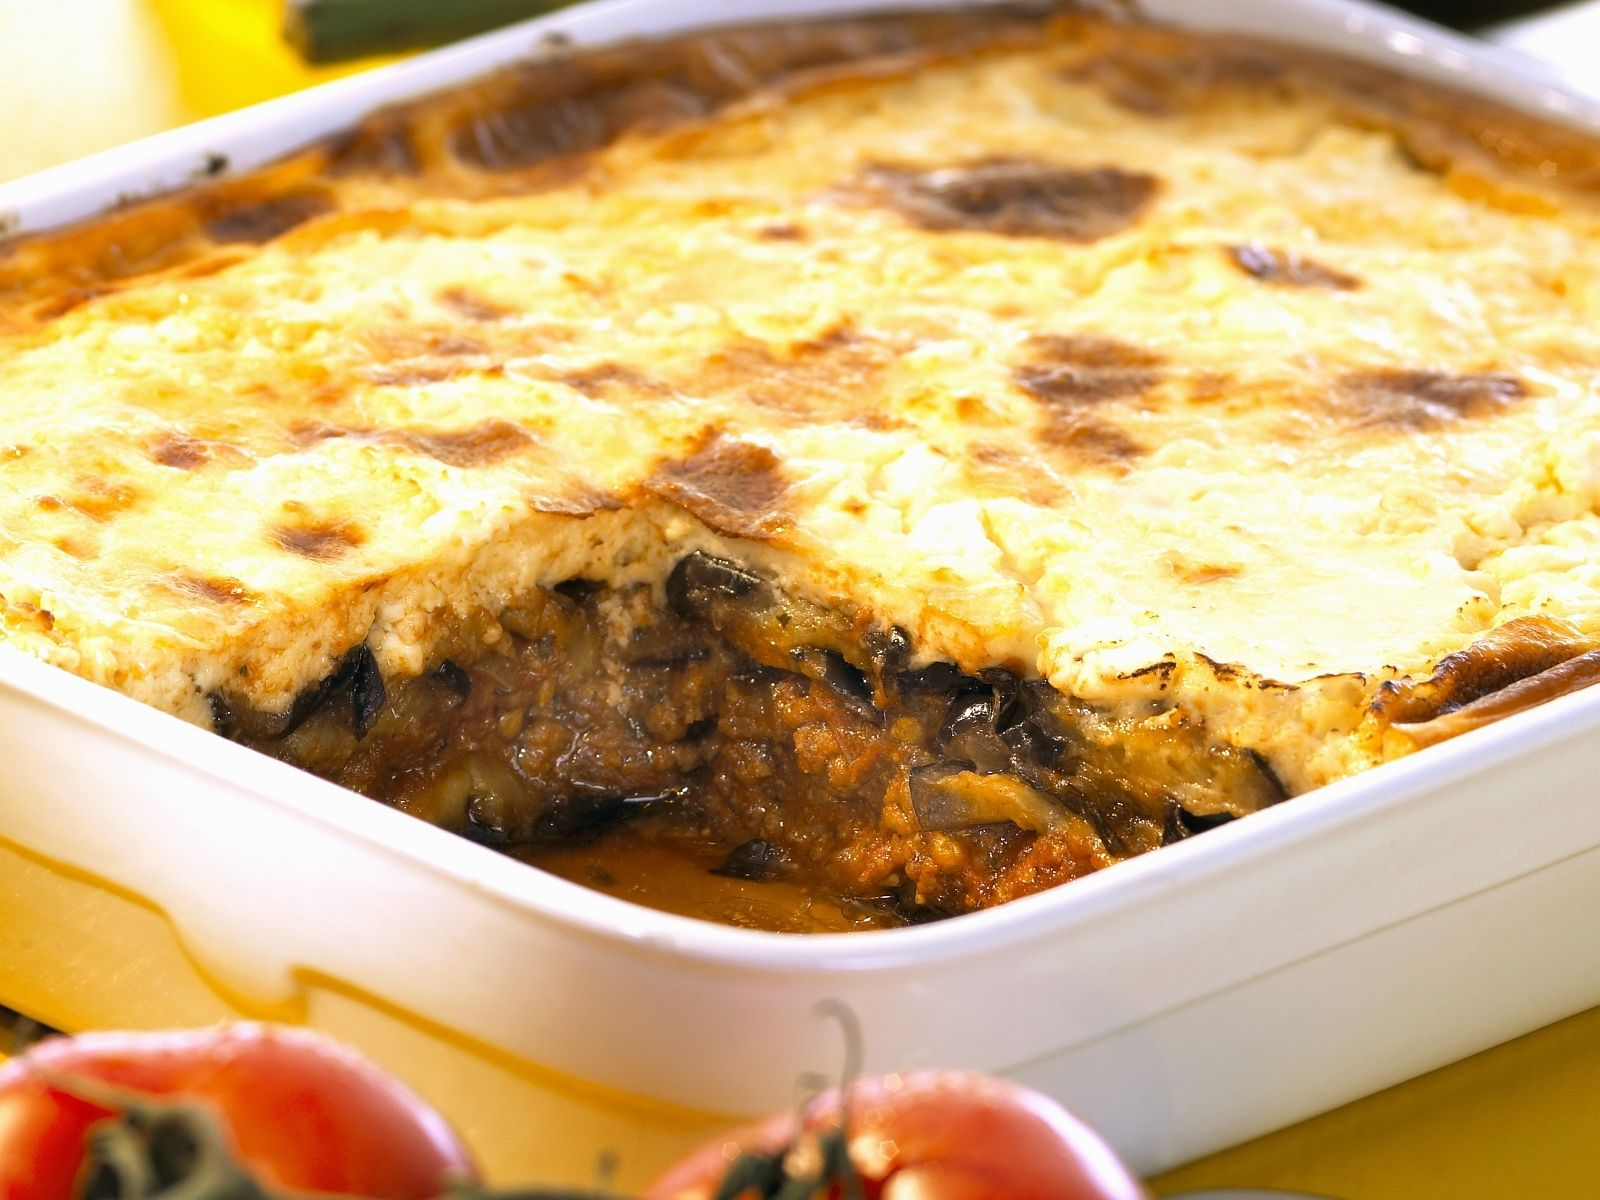 Auberginen-Hackfleisch-Auflauf (Moussaka) ganzes Moussaka Rezept Kartoffeln Hackfleisch